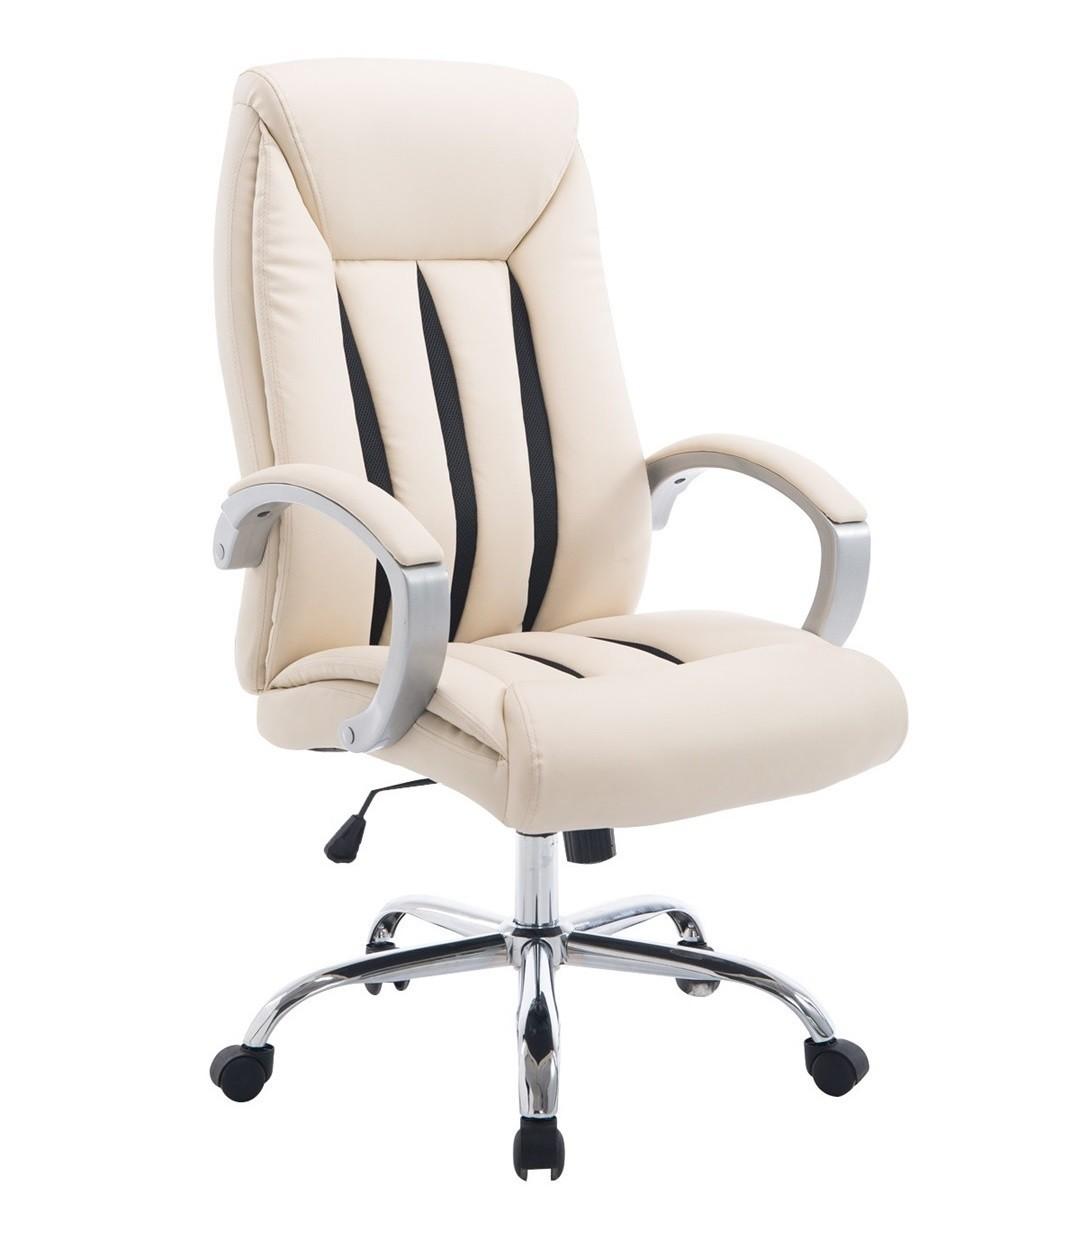 Office Armchair SAPPHIRE, High, Gas, Tilt, Similpiel Beige, Mesh Brown